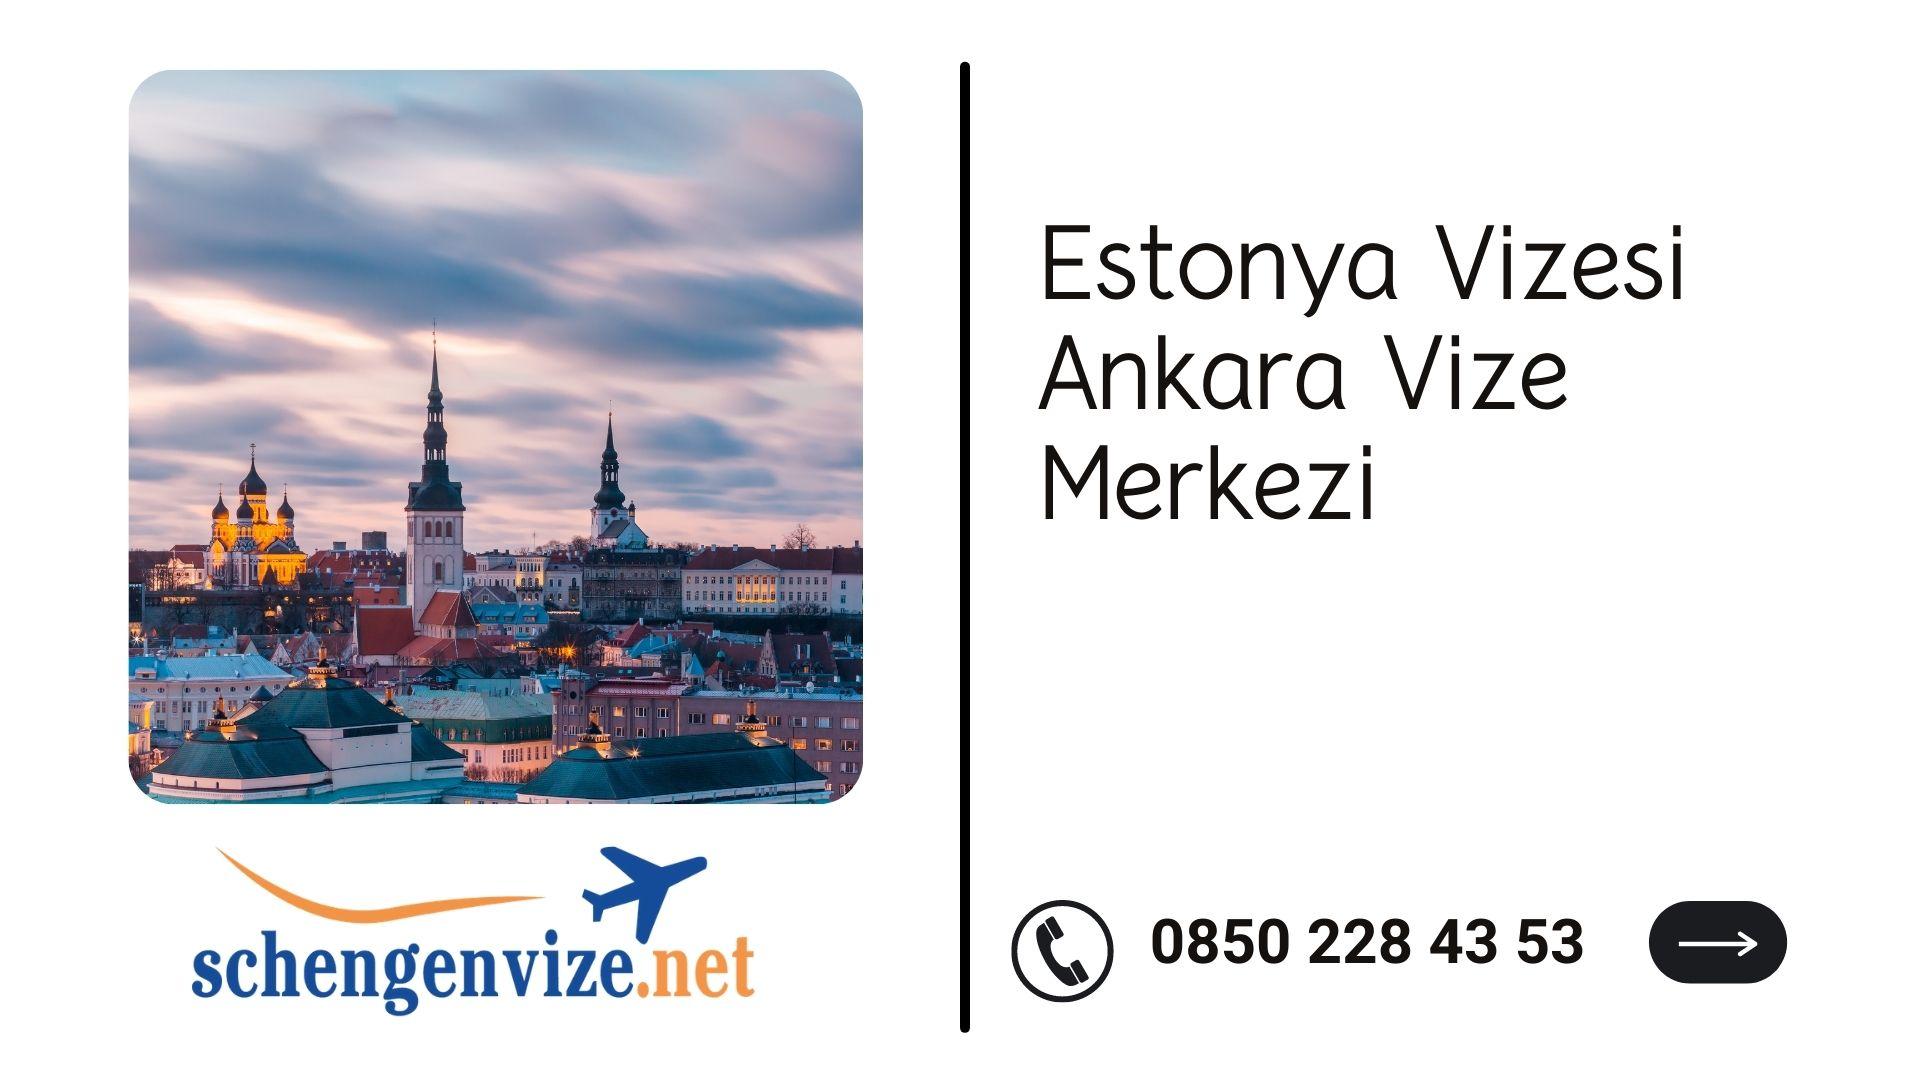 Estonya Vizesi Ankara Vize Merkezi